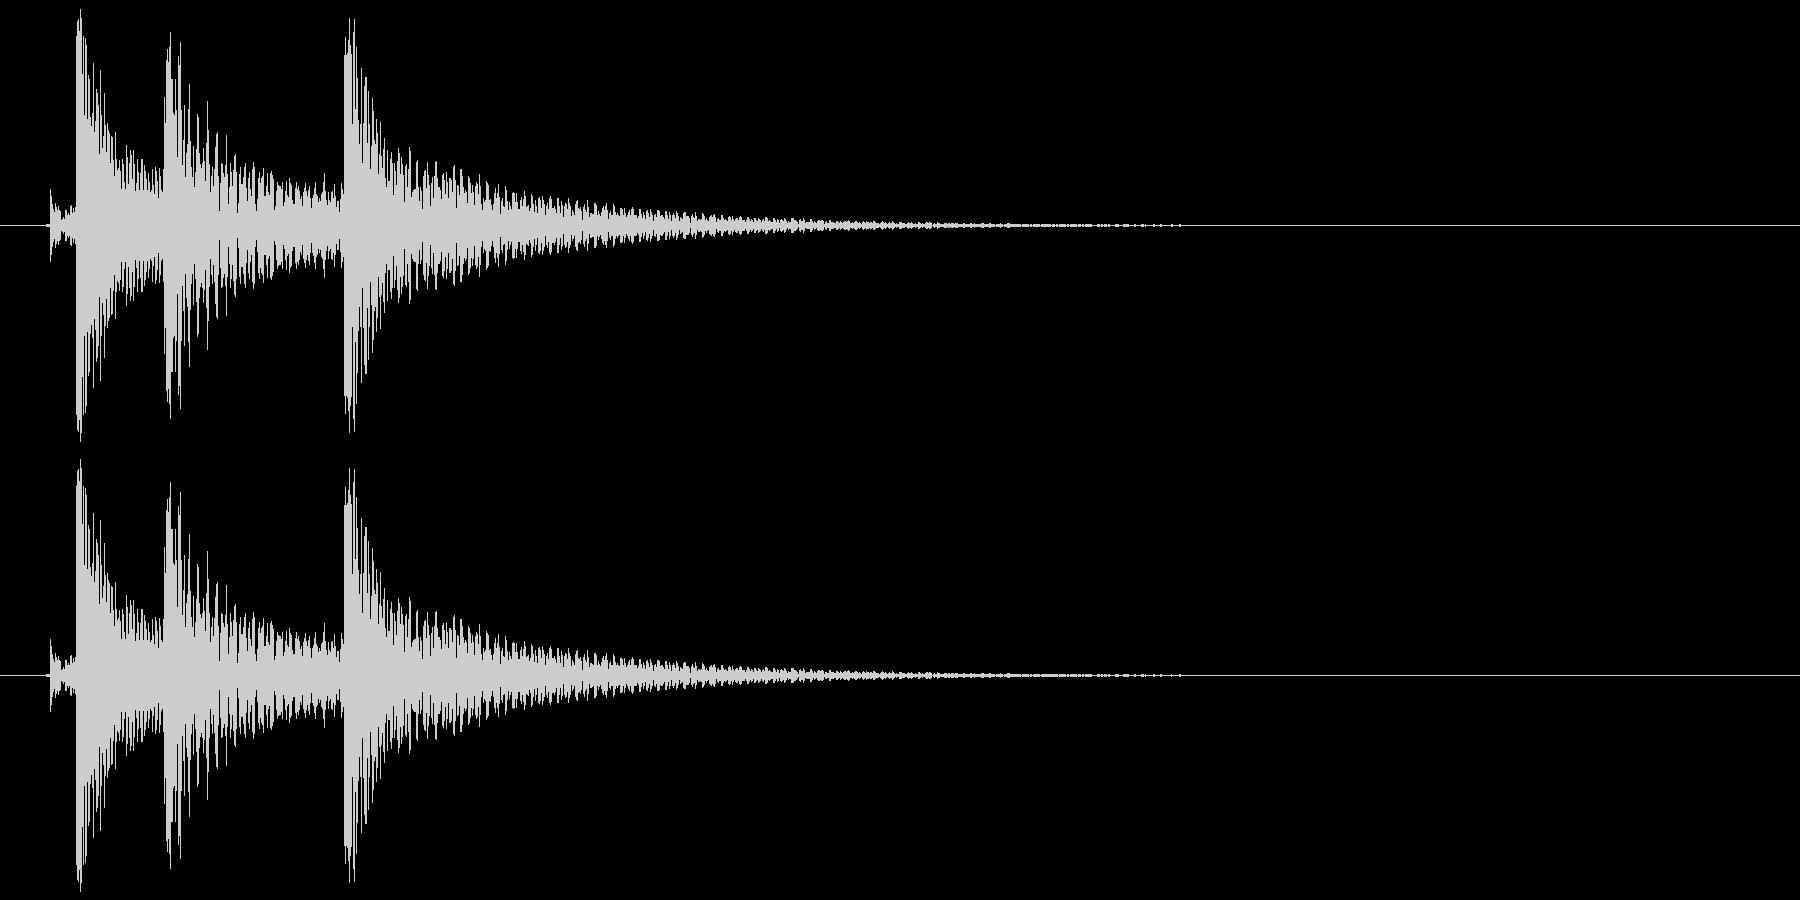 沖縄風クリック・タップ音2の未再生の波形